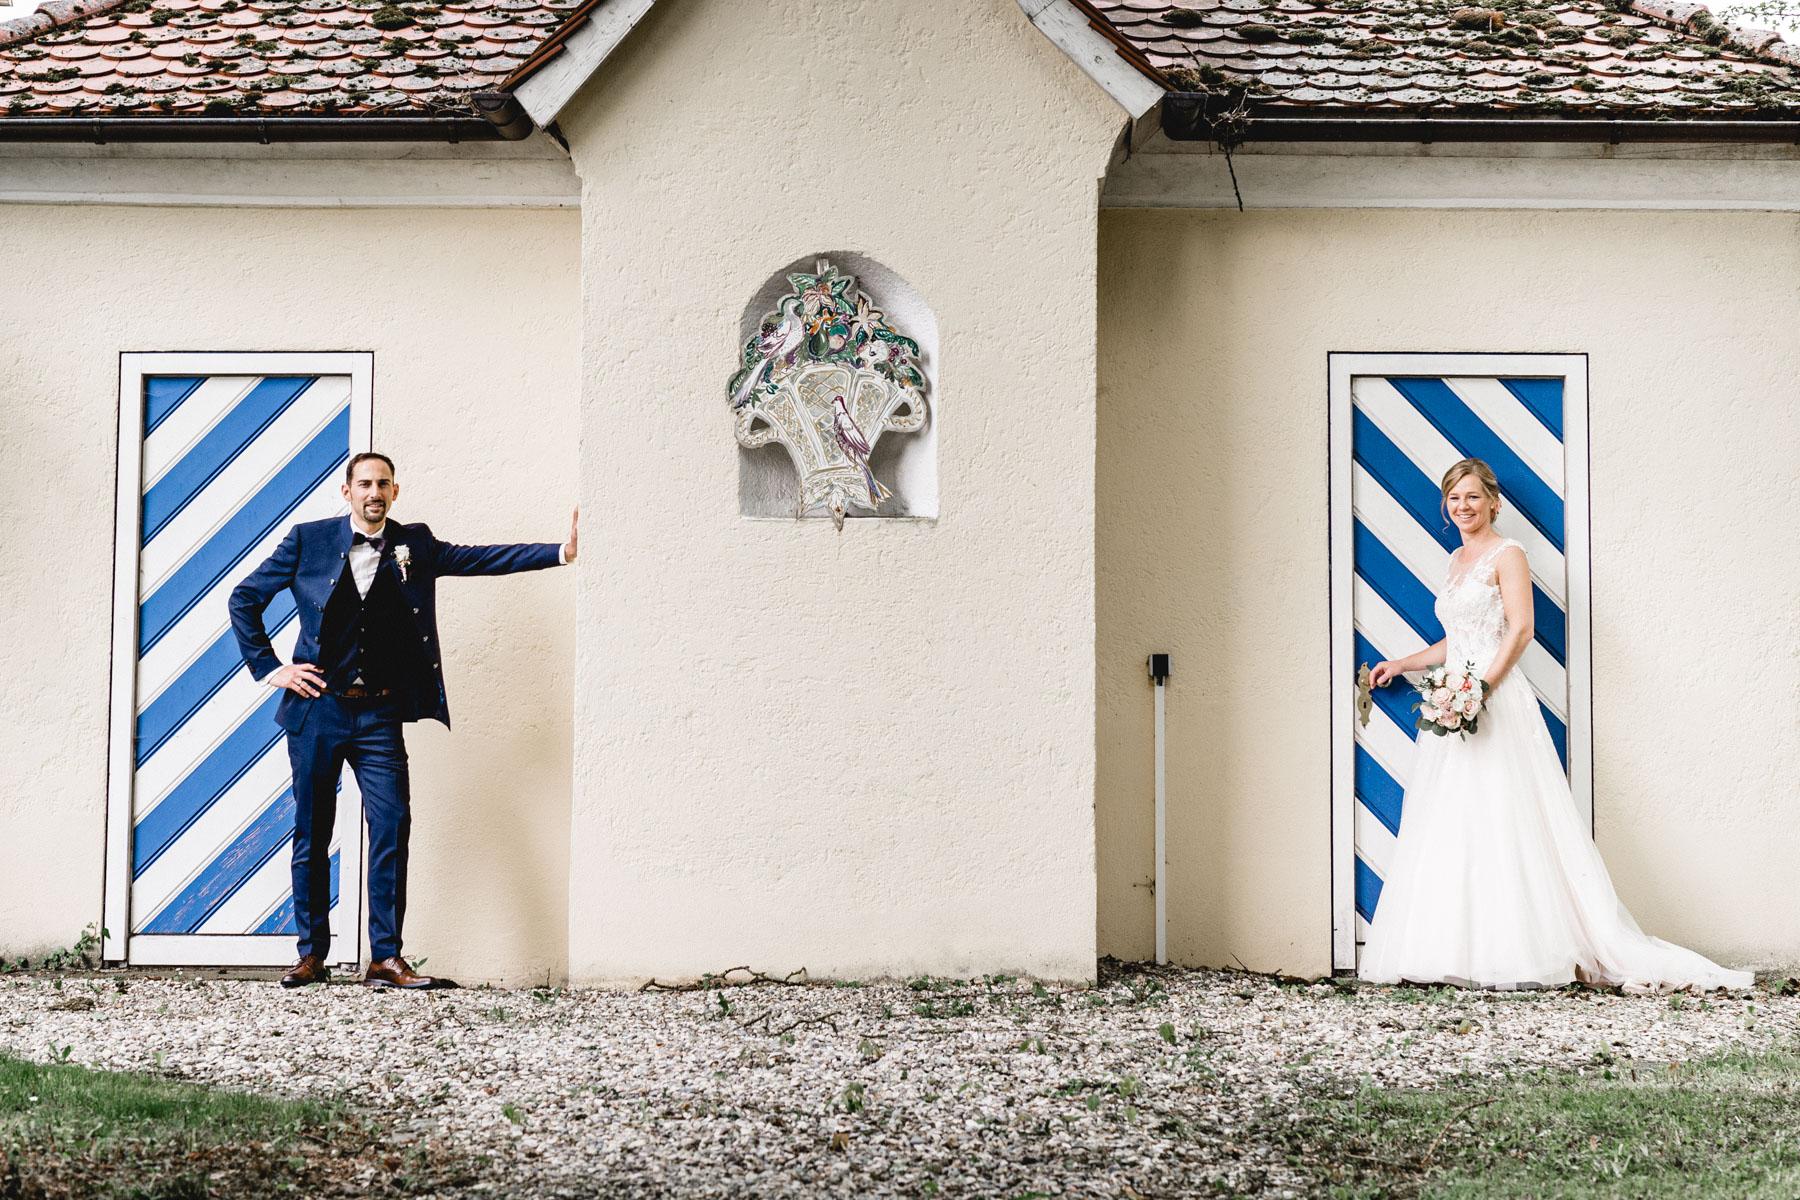 Portrait Annika ChristianHochzeitsreportage SchlossWilflingen Hochzeitsfotograf Eisighof MarcusBraun Fotografie  www.mb fotografie.de 21 - Heiraten im Schloss Wilflingen anschließend ausgiebig feiern auf dem Eisighof..